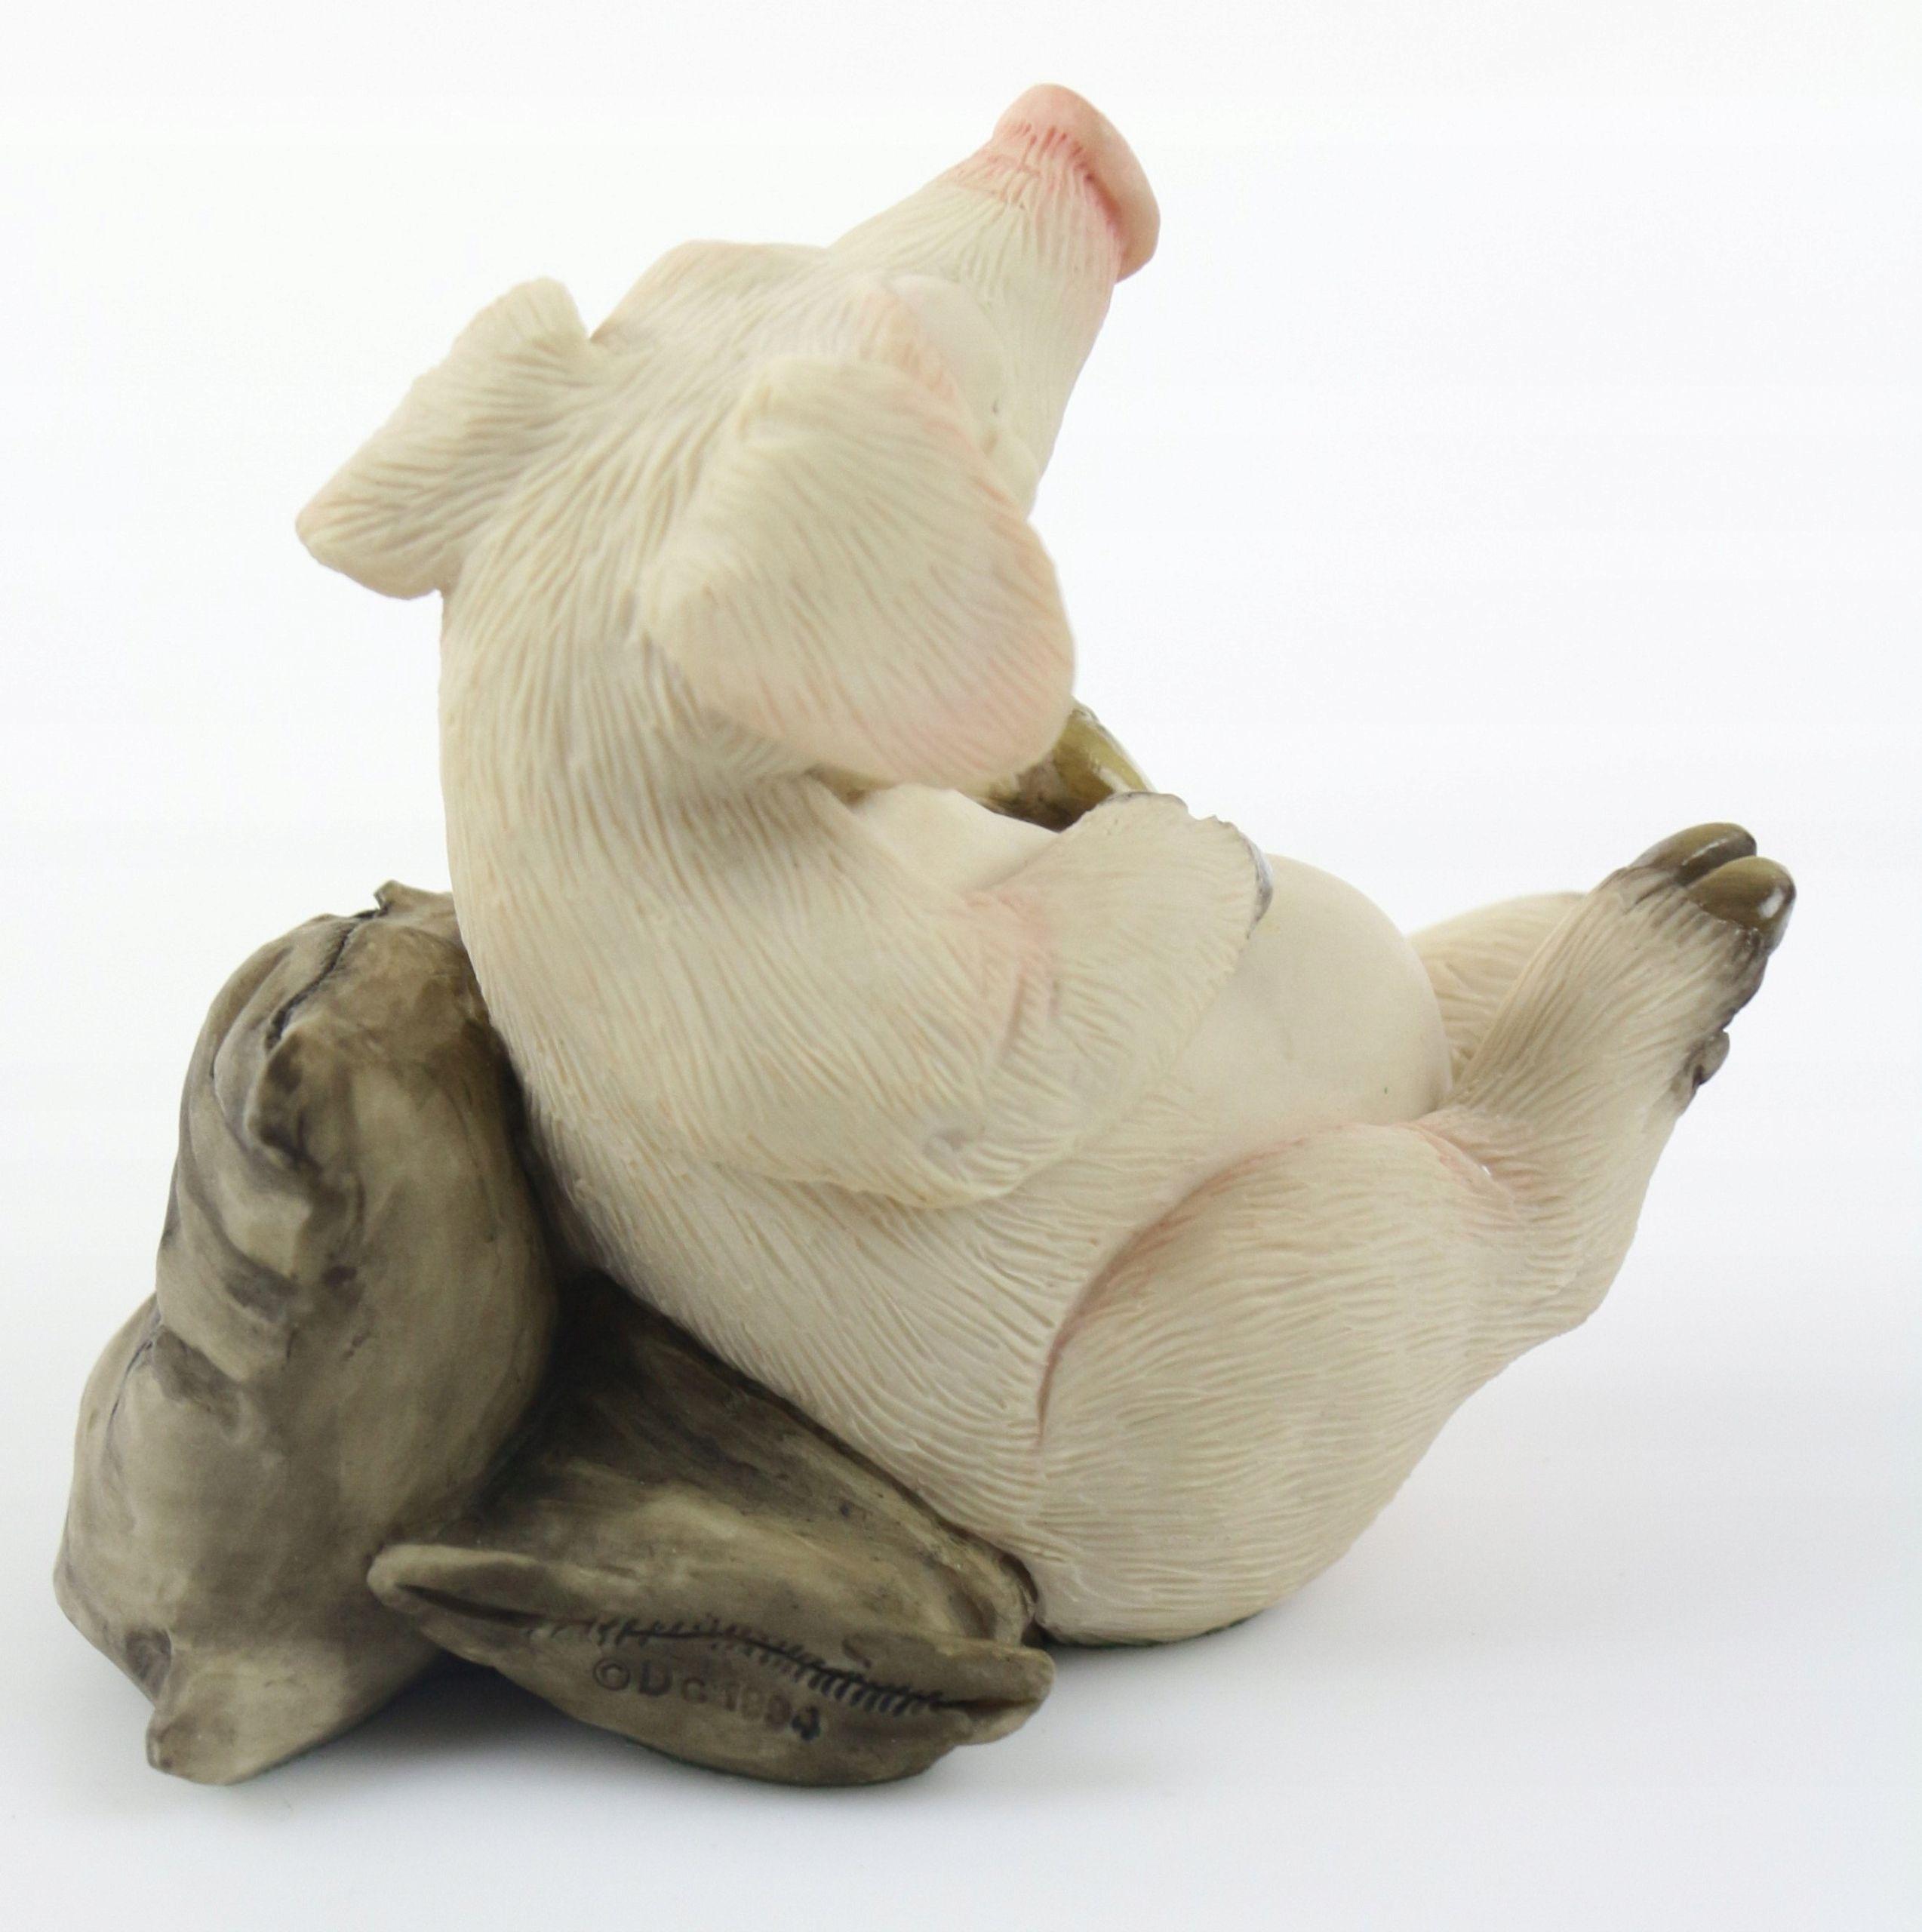 Pchli Targ Figurka Swinka Piggin 7917786367 Allegro Pl Pchli